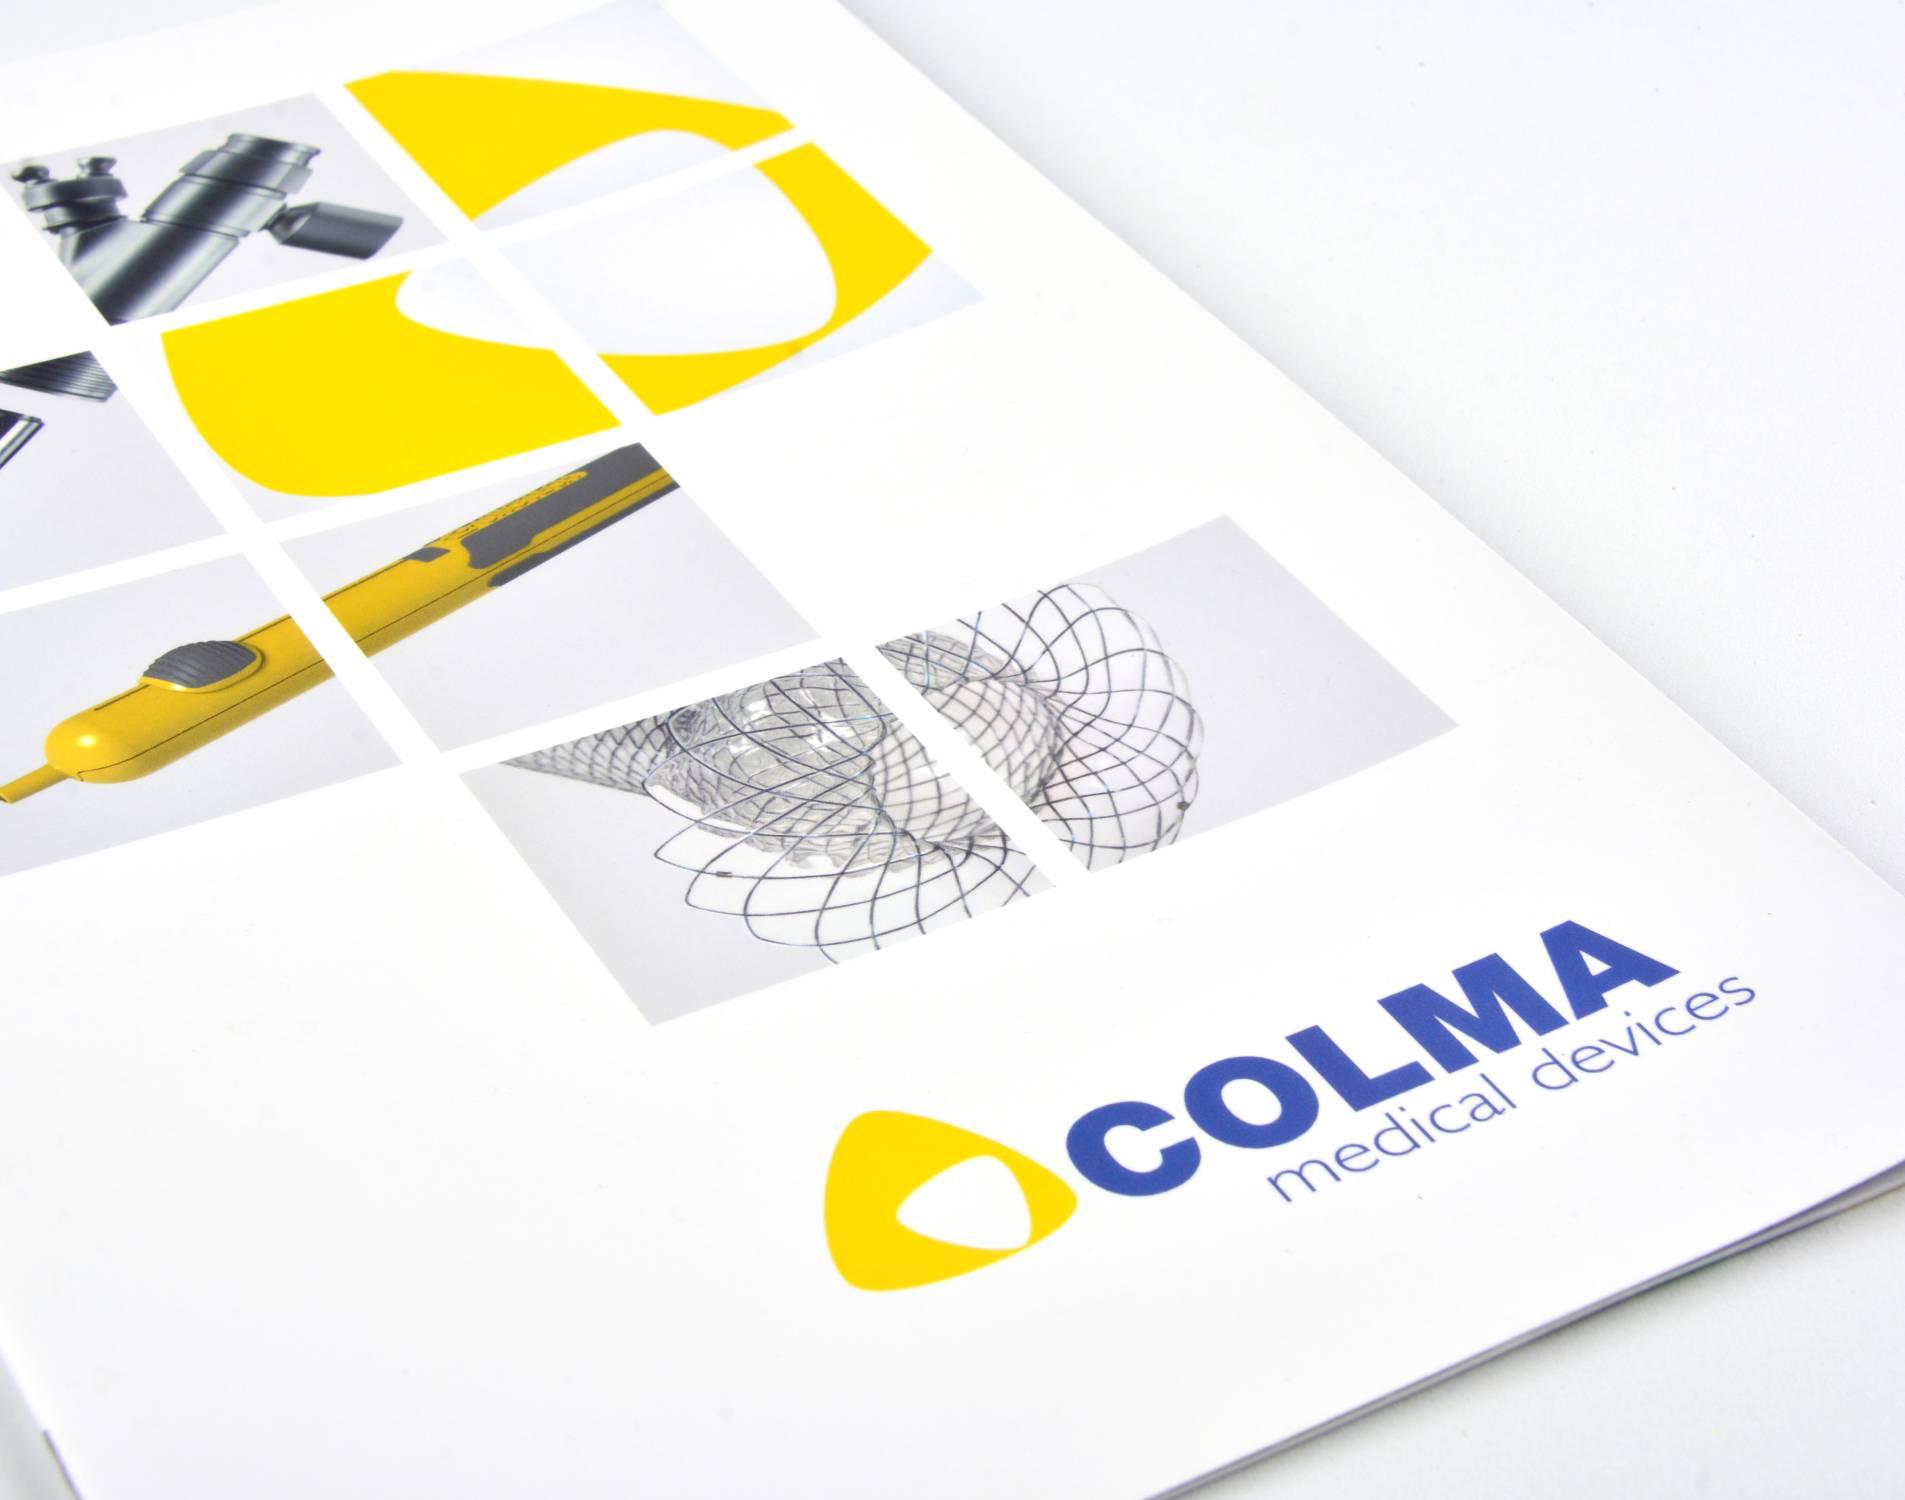 kbrush agenzia comunicazione – Catalogo Colma